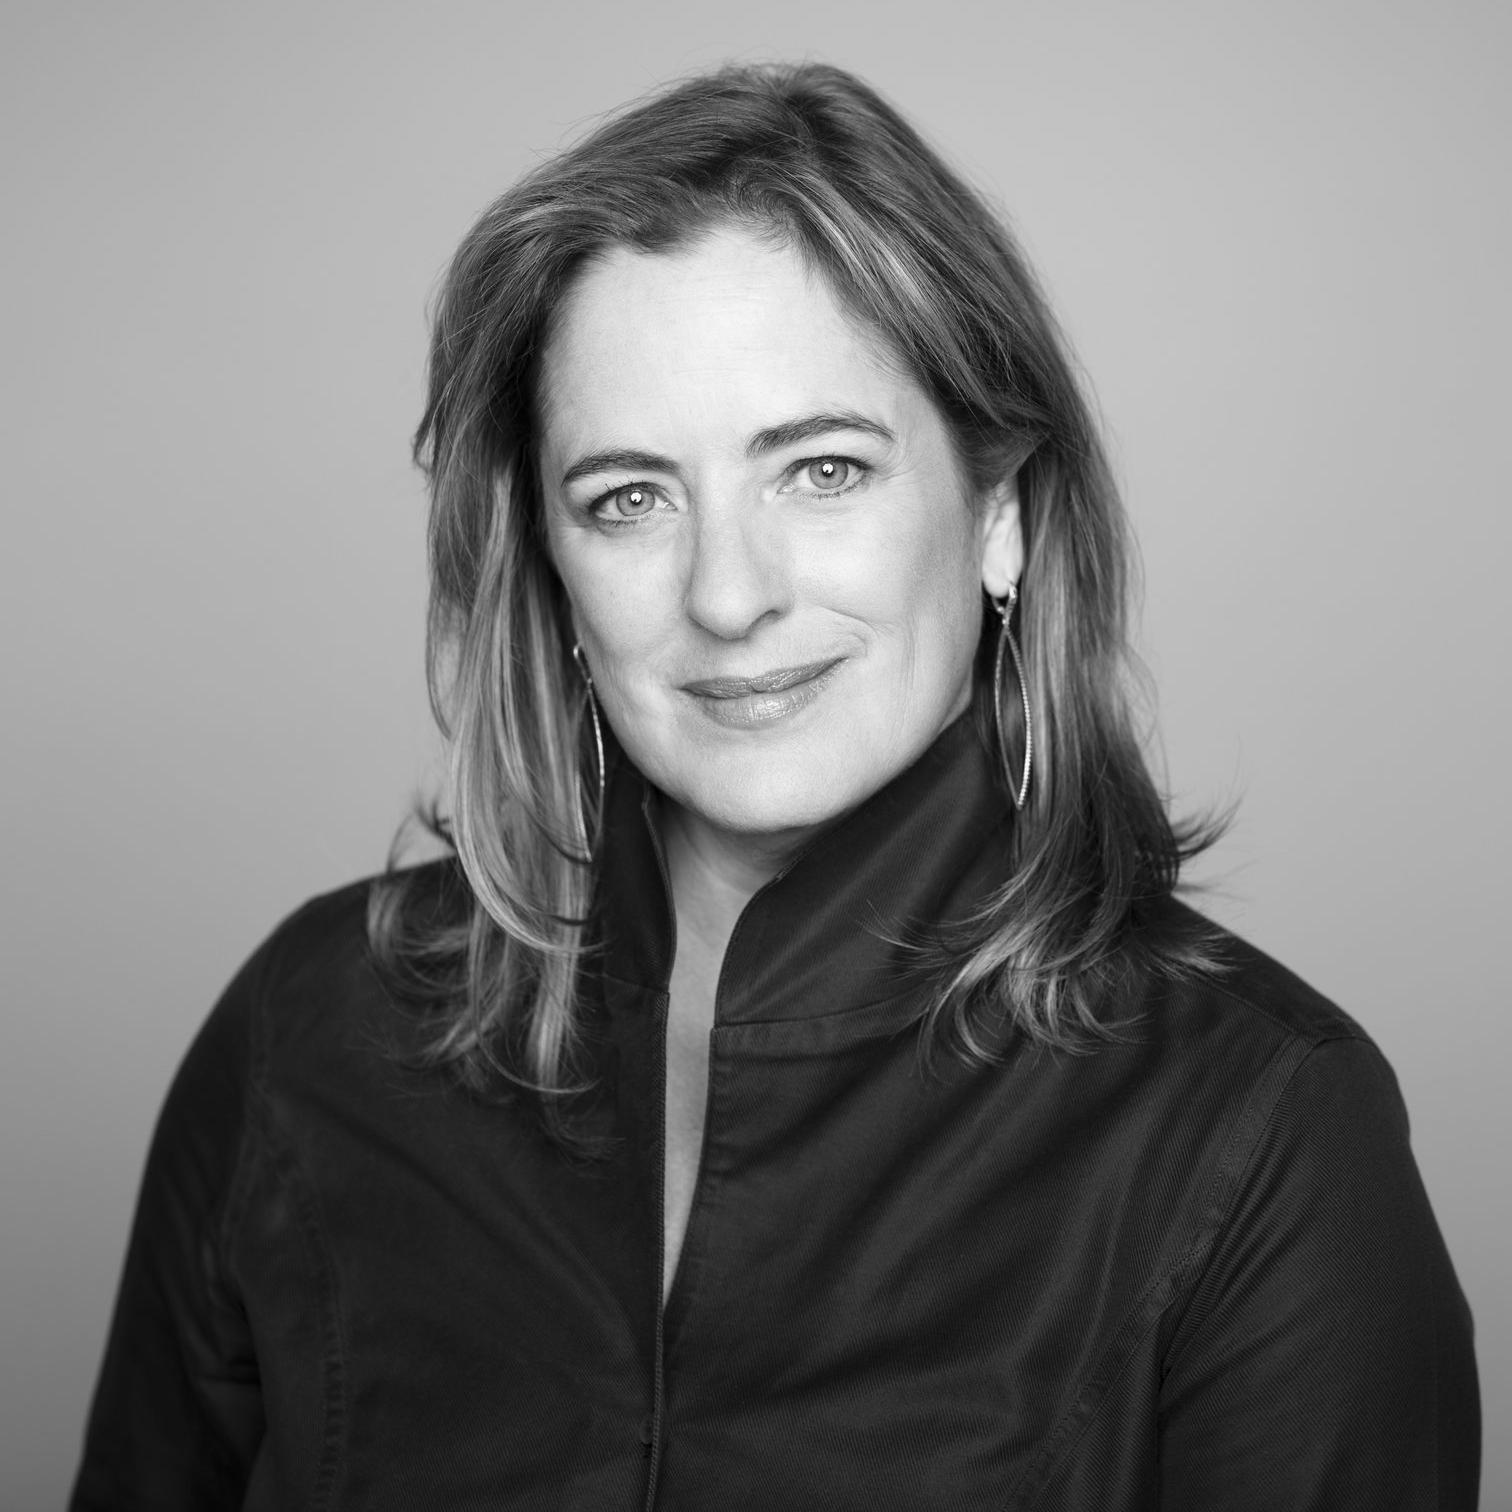 Susan Credle